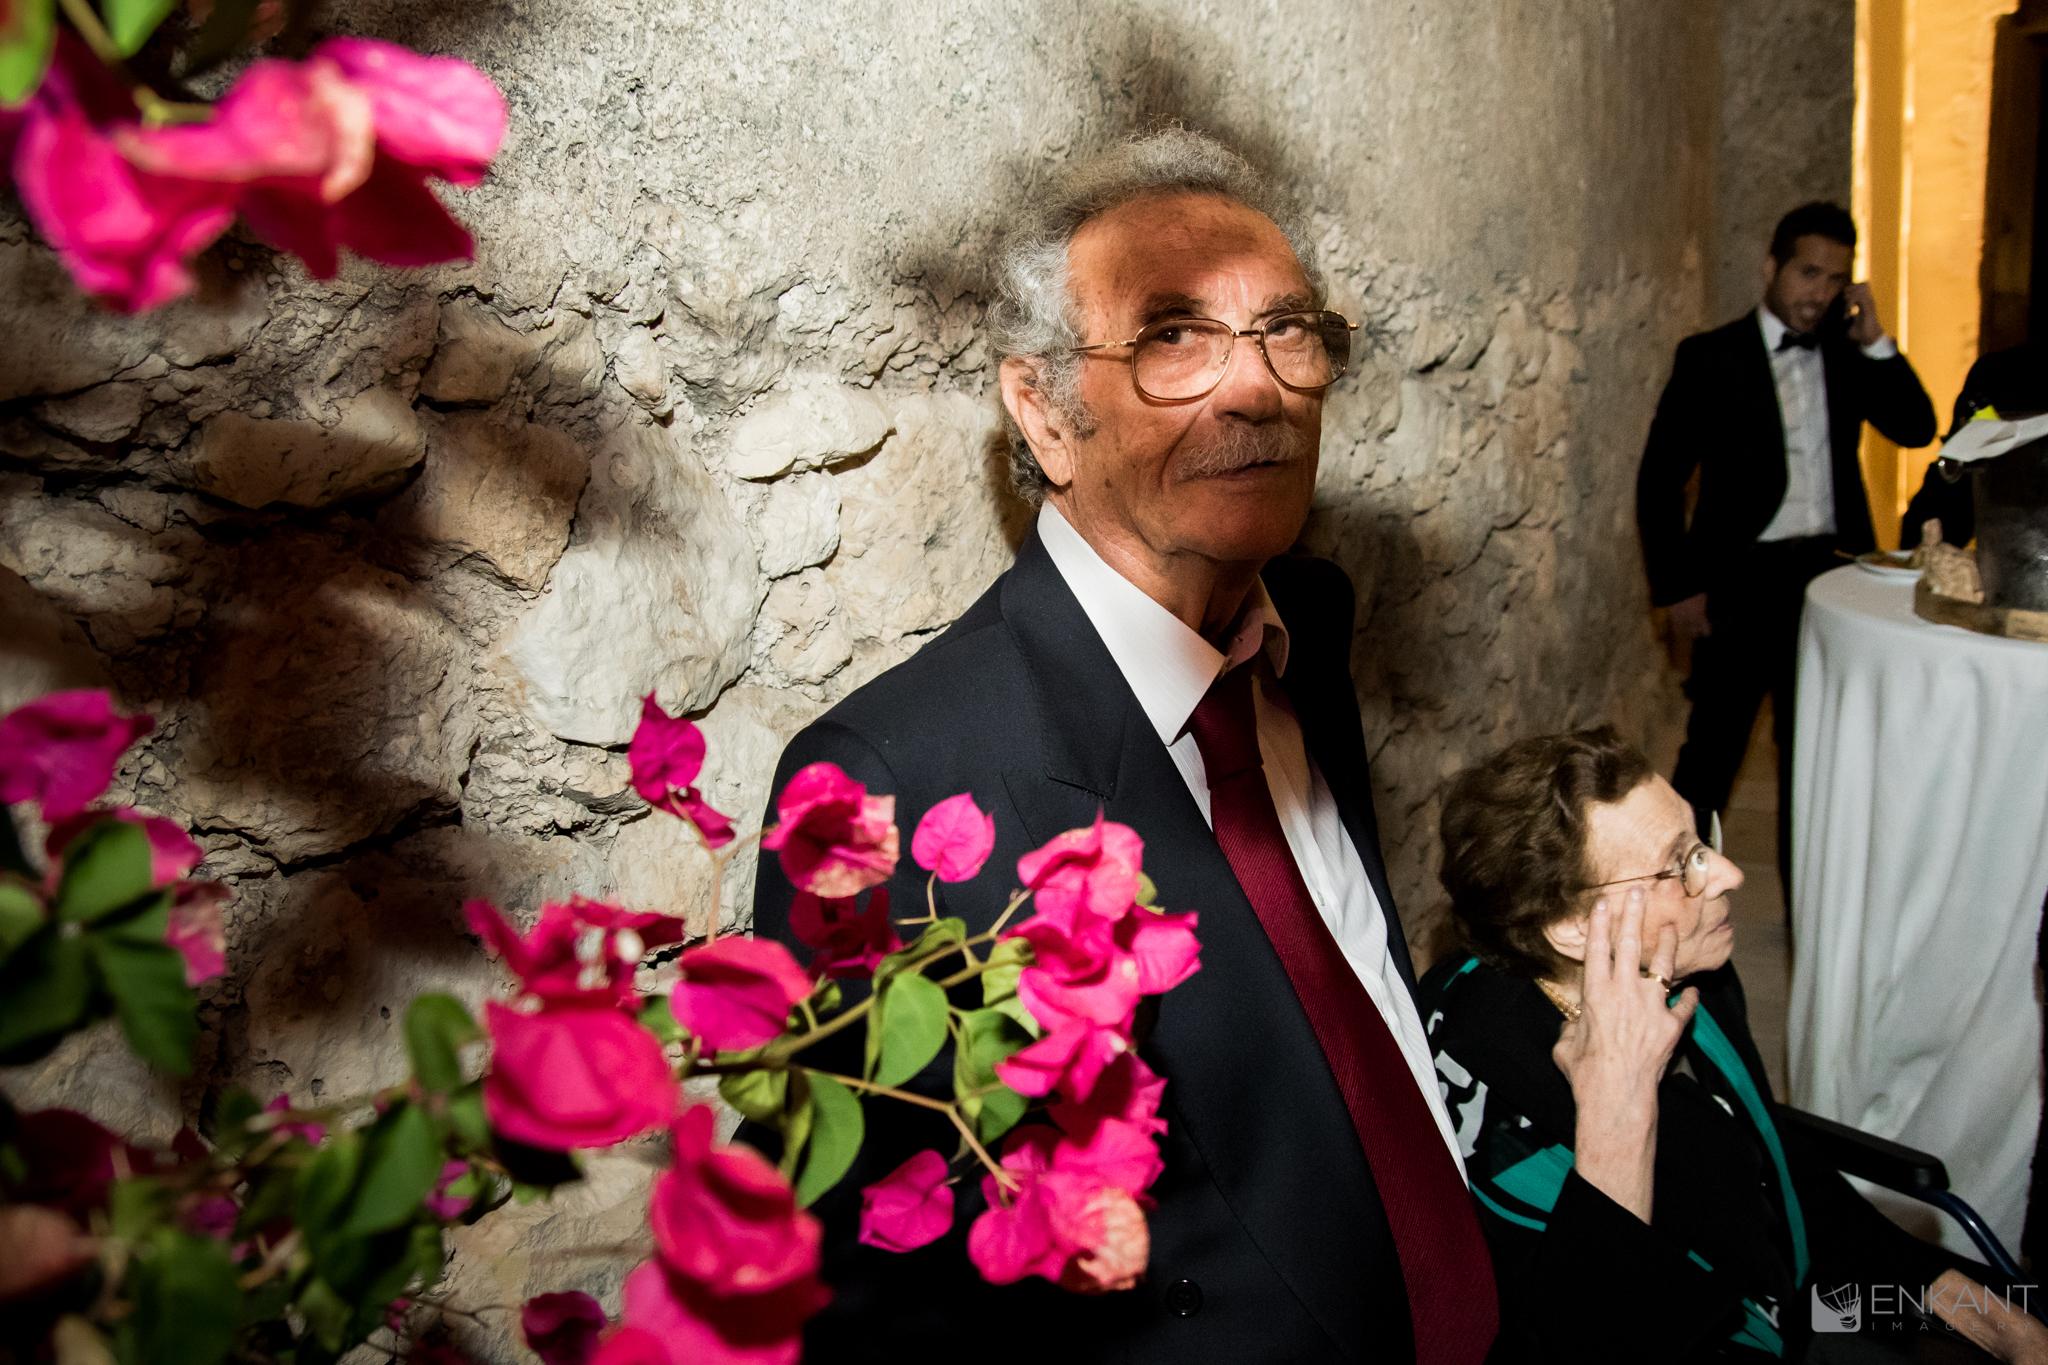 foto-matrimonio-enkant-noto-dimoradellebalze-43.jpg